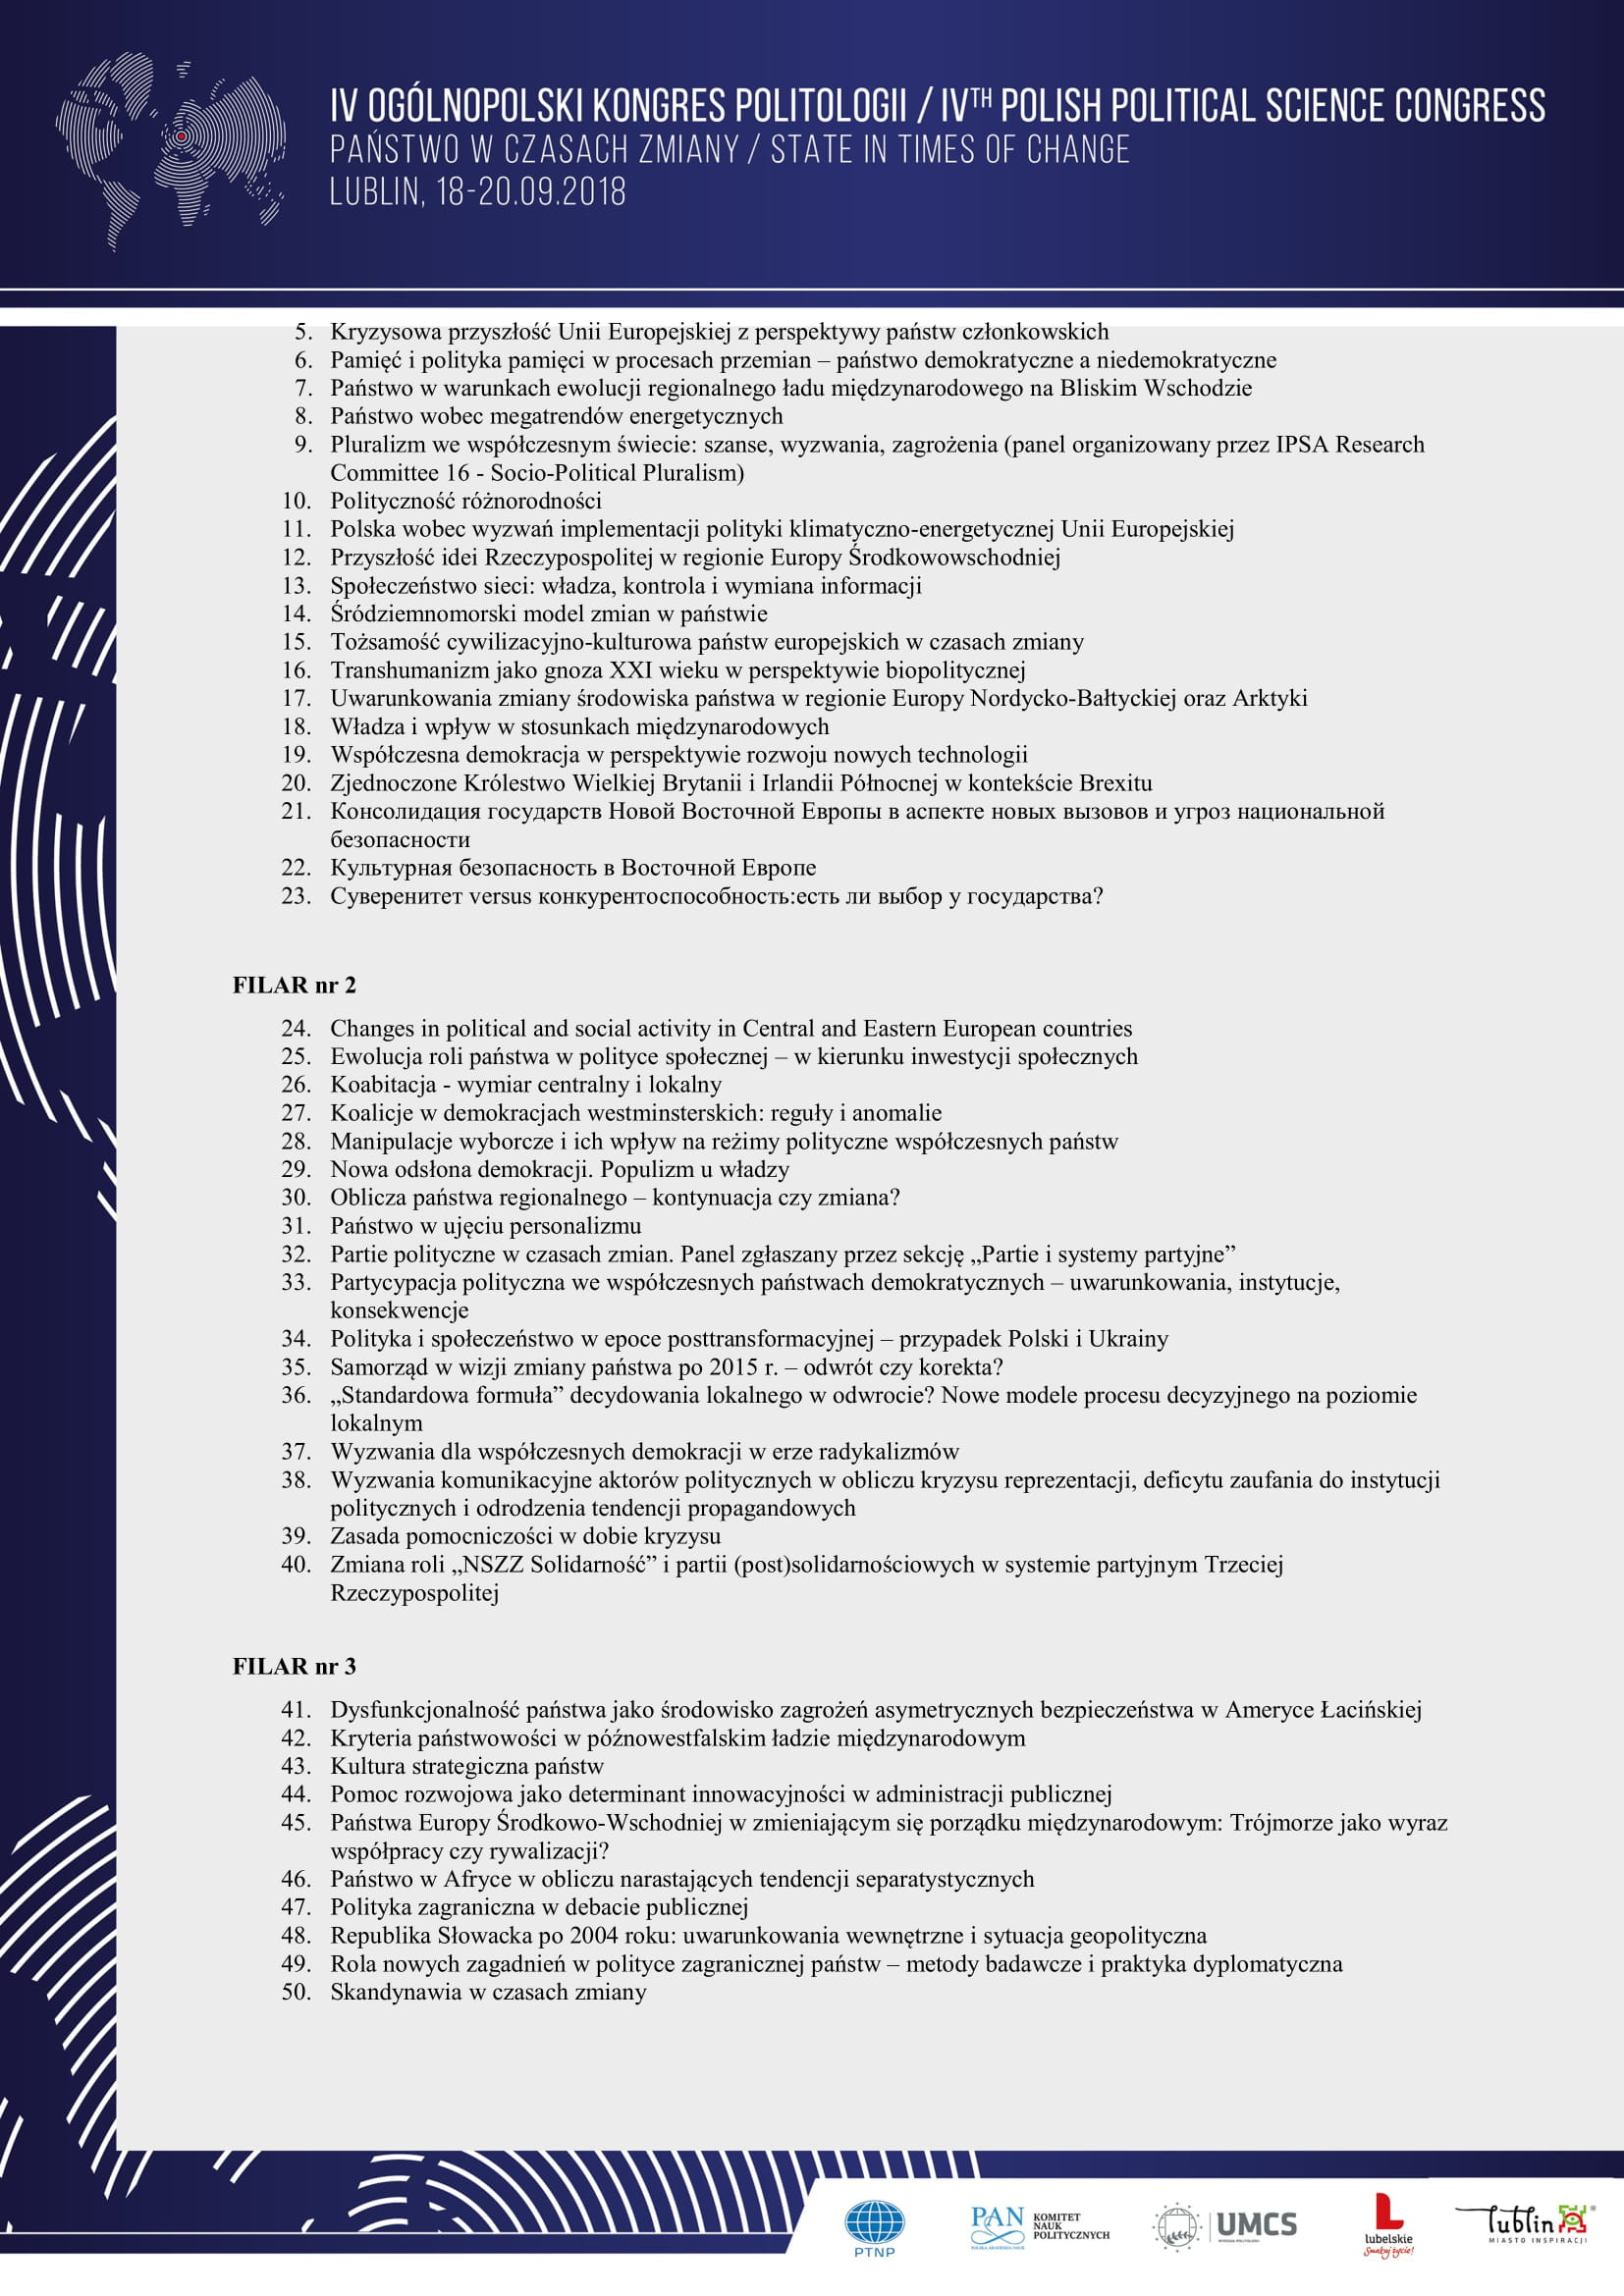 Program ramowy IV Ogólnopolskiego Kongresu Politologii - Państwo w  czasach zmiany-3.jpg